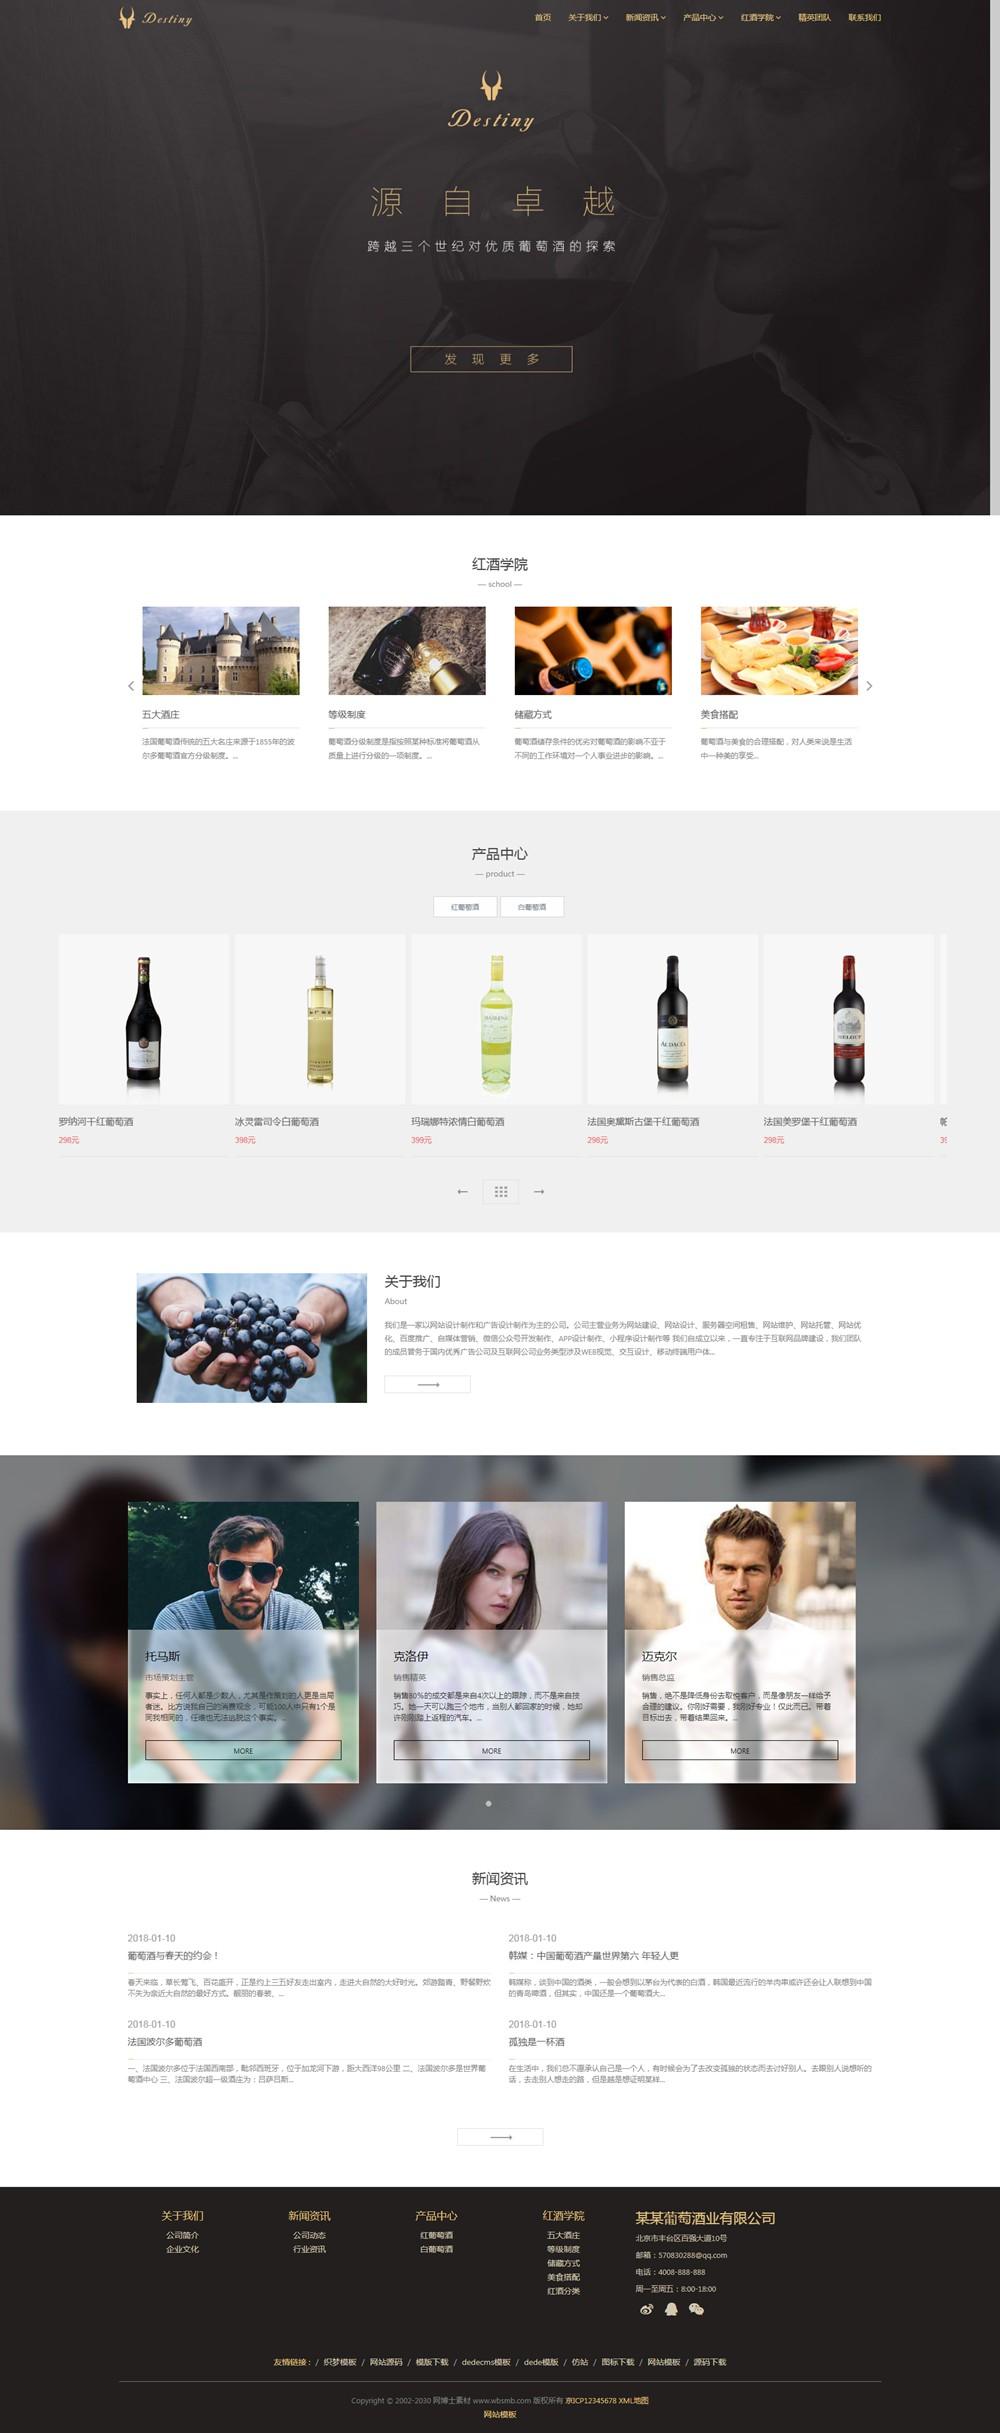 (自适应手机版)响应式酒业食品类自适应织梦网站模板 HTML5葡萄酒网站源码下载